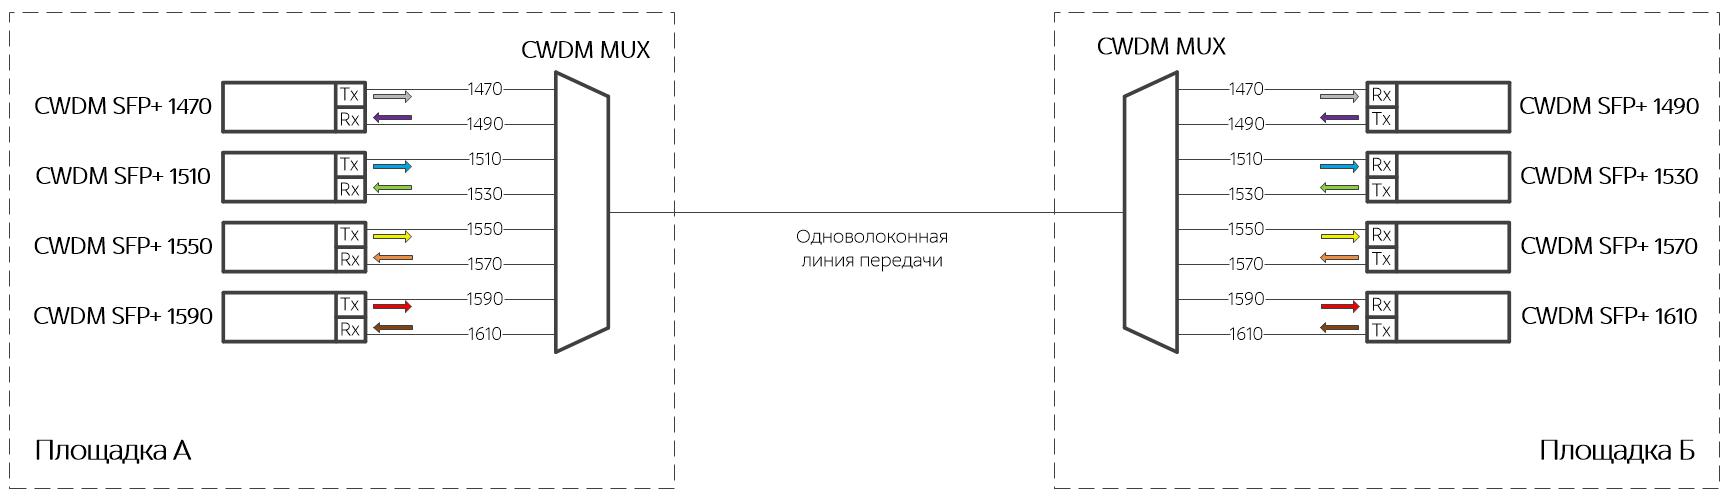 Схема работы одноволоконного мультиплексора